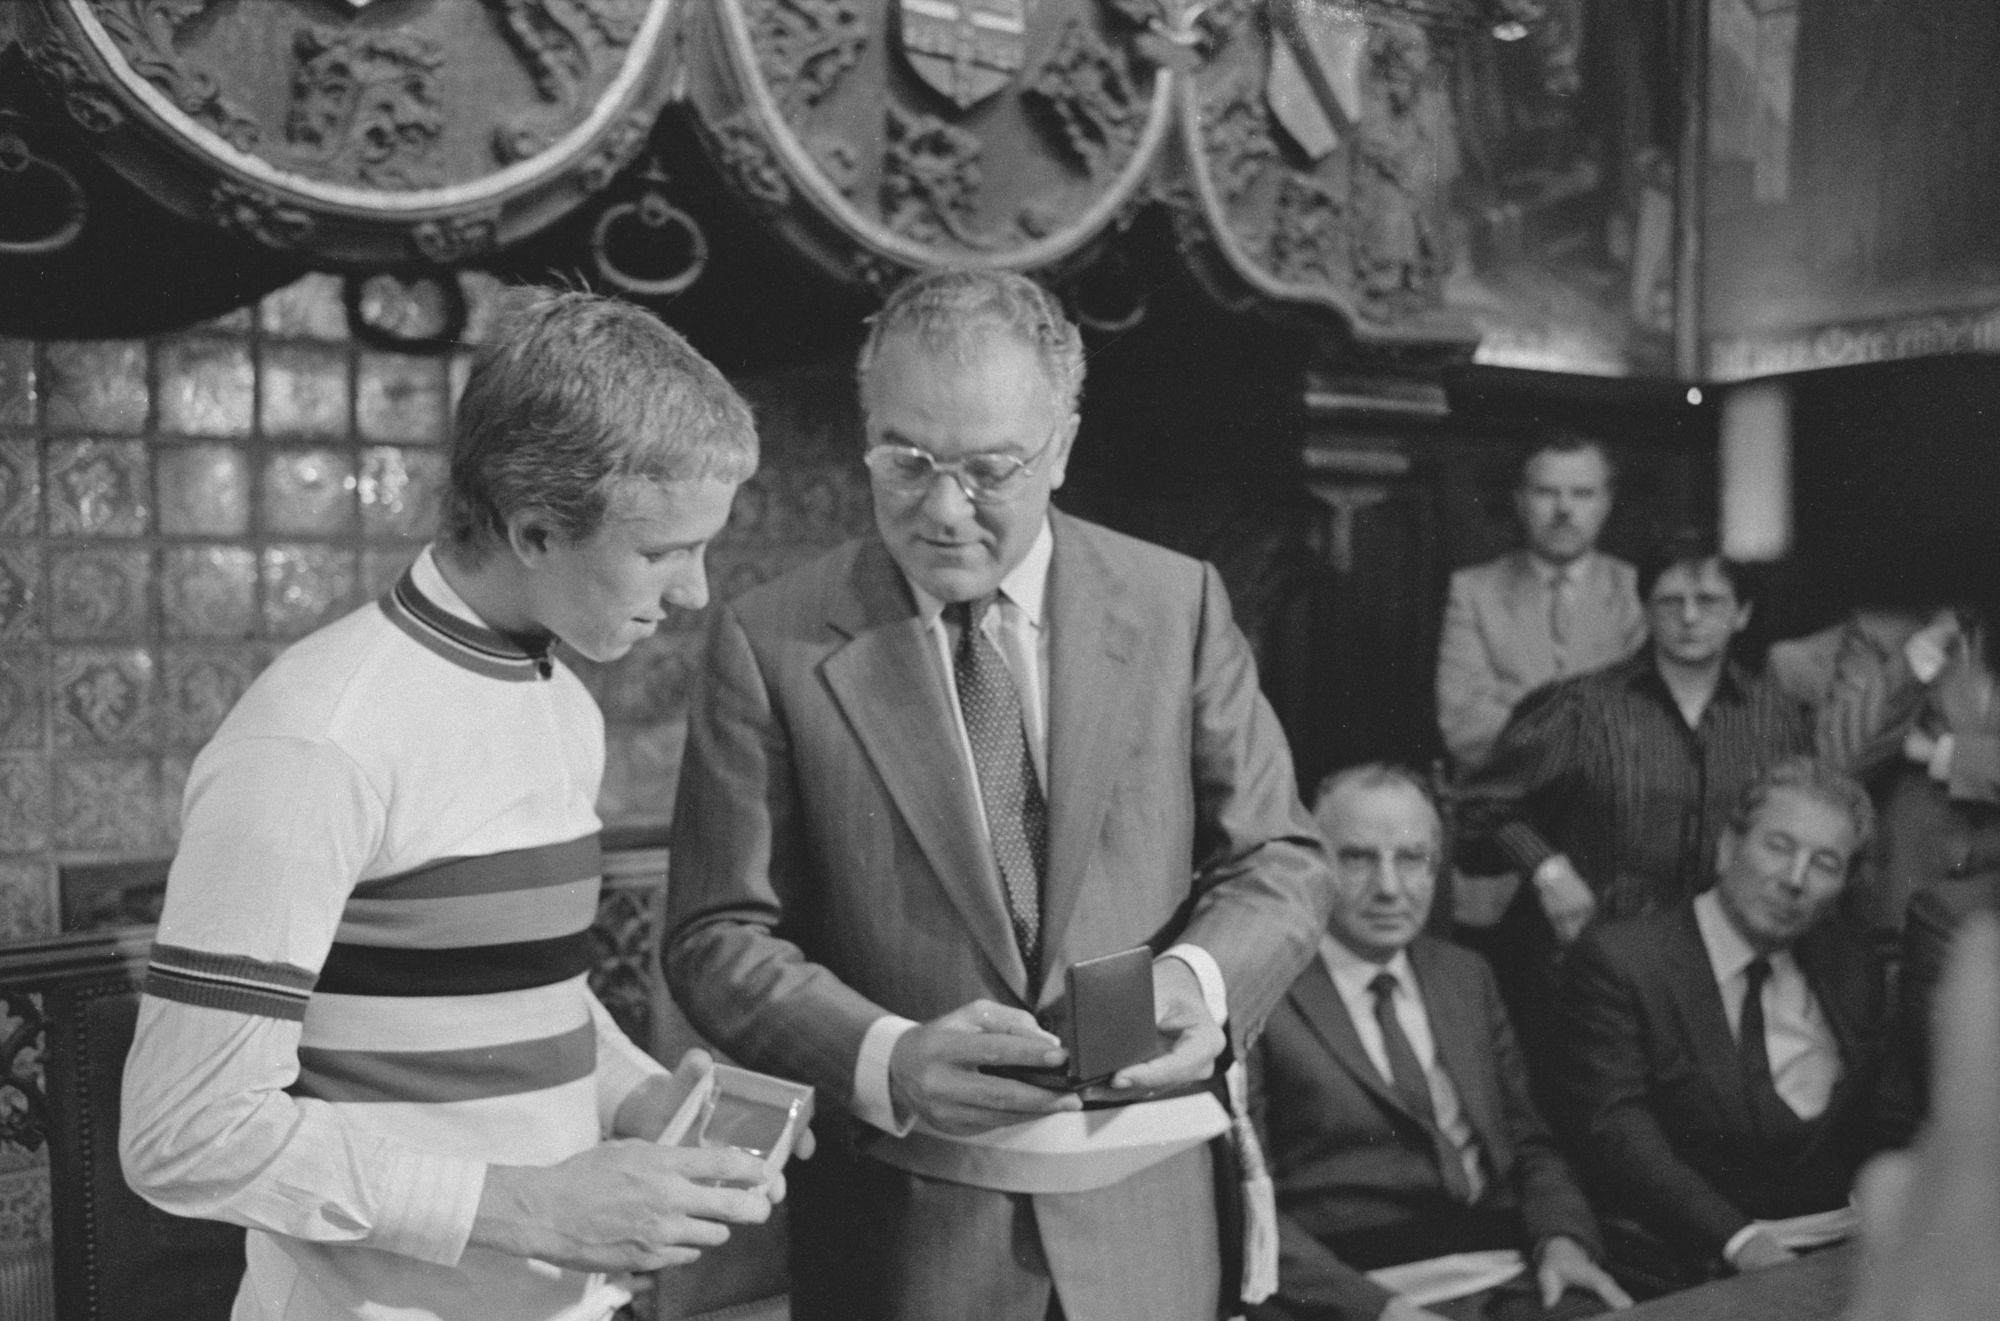 Huldiging van wereldkampioen Greg LeMond